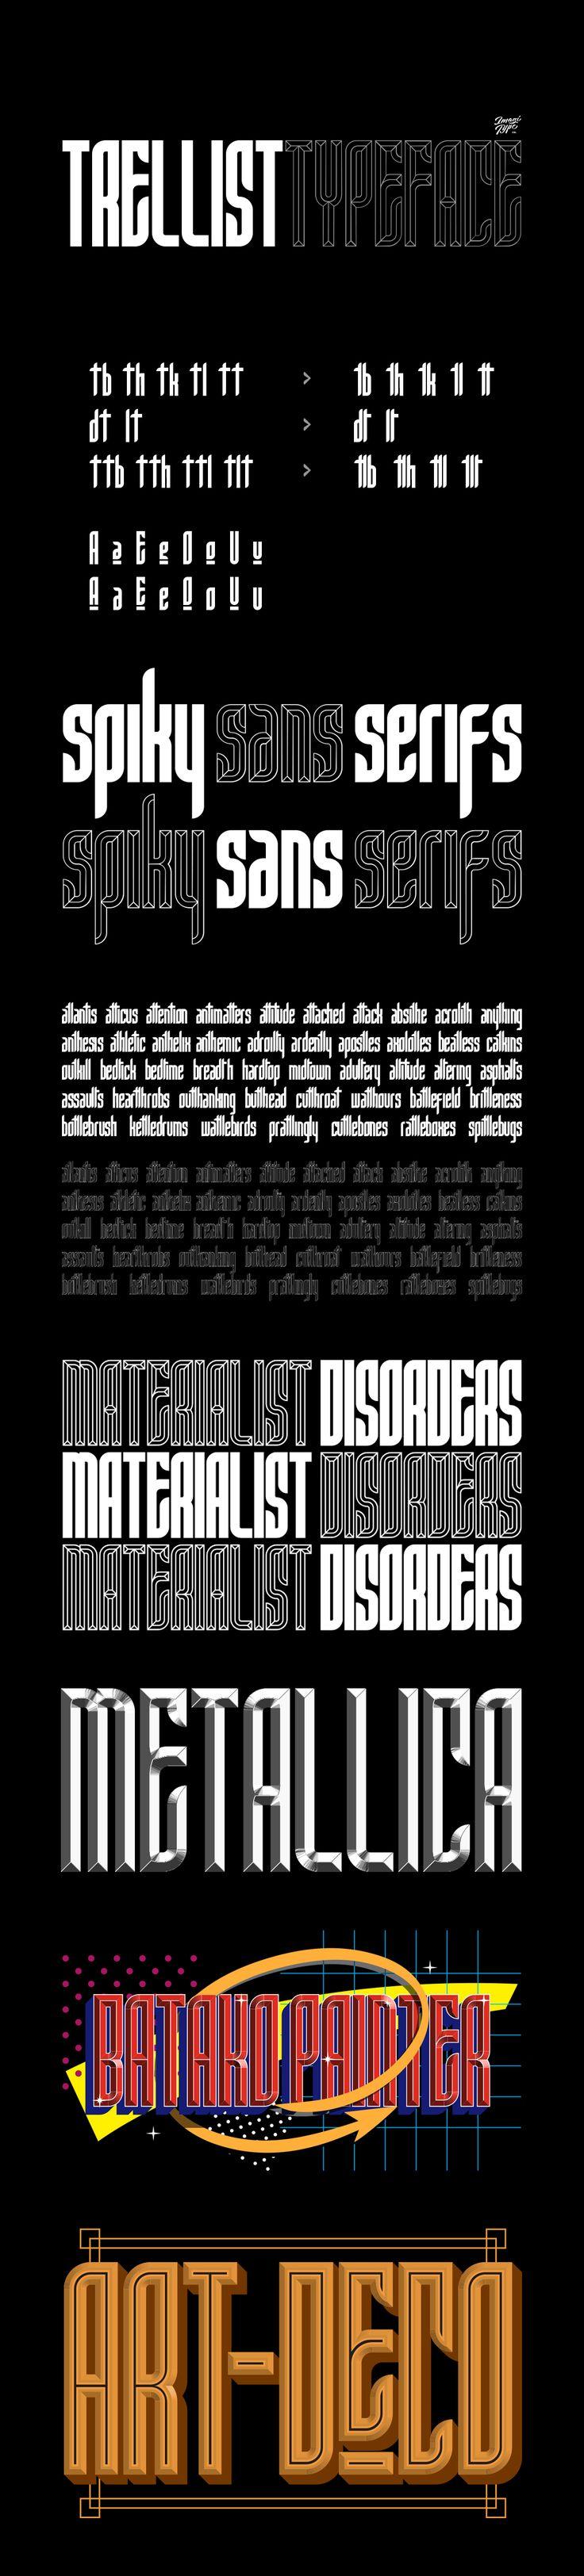 https://www.behance.net/gallery/53104483/Trellist-Typeface